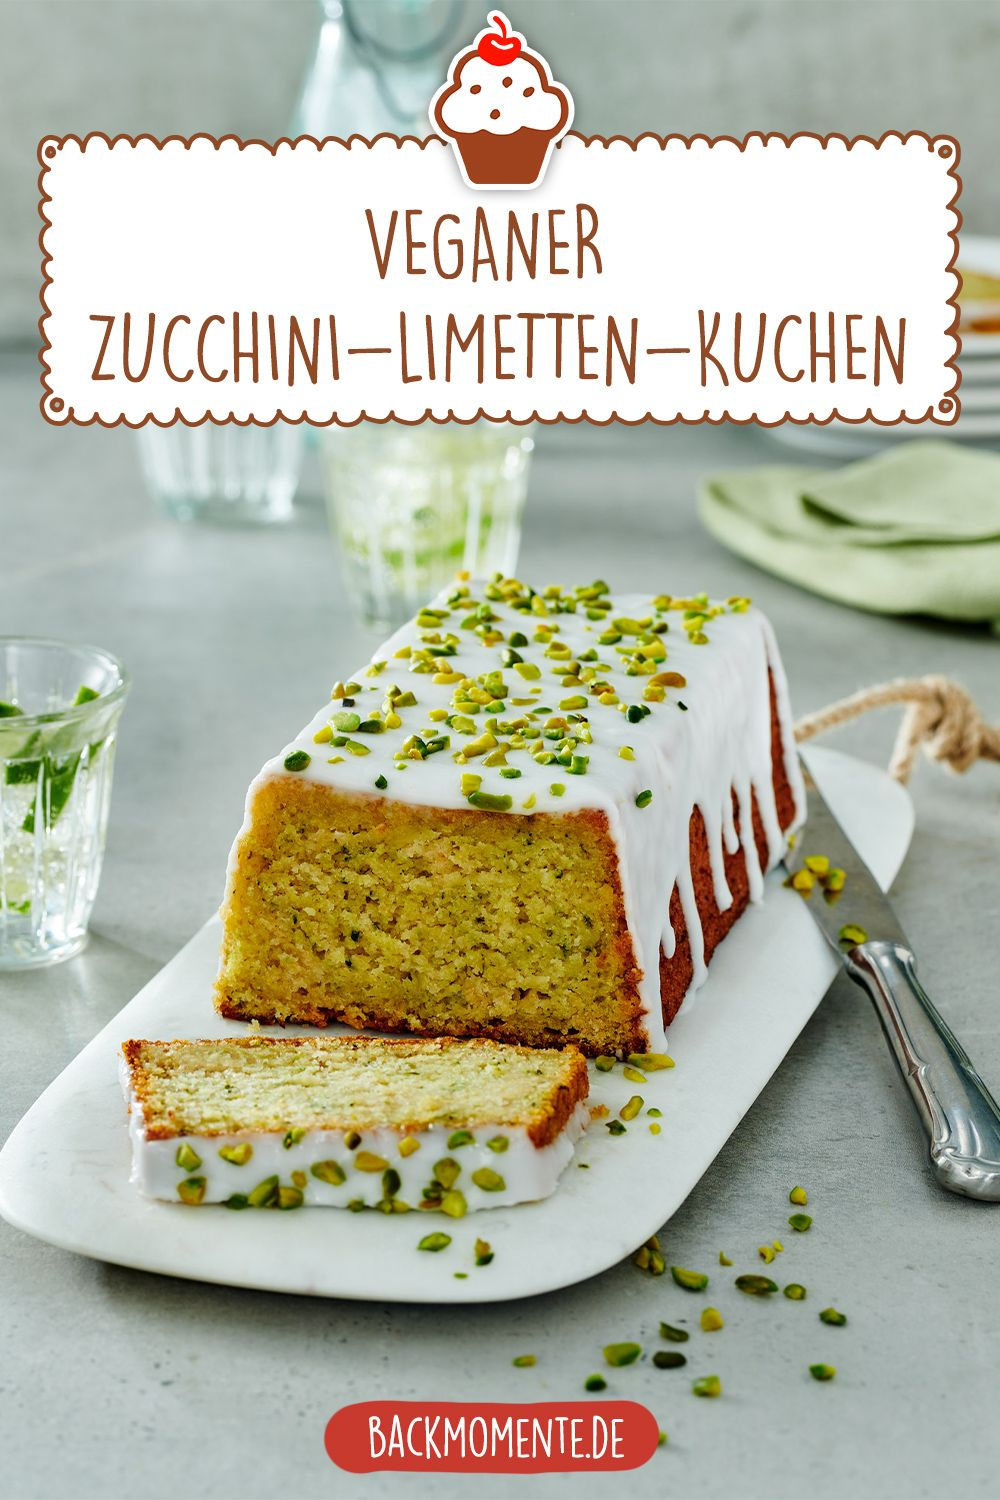 Fruchtiges Zucchini Limetten Kuchen Rezept Rezept Zucchini Kuchen Kuchen Veganer Kuchen